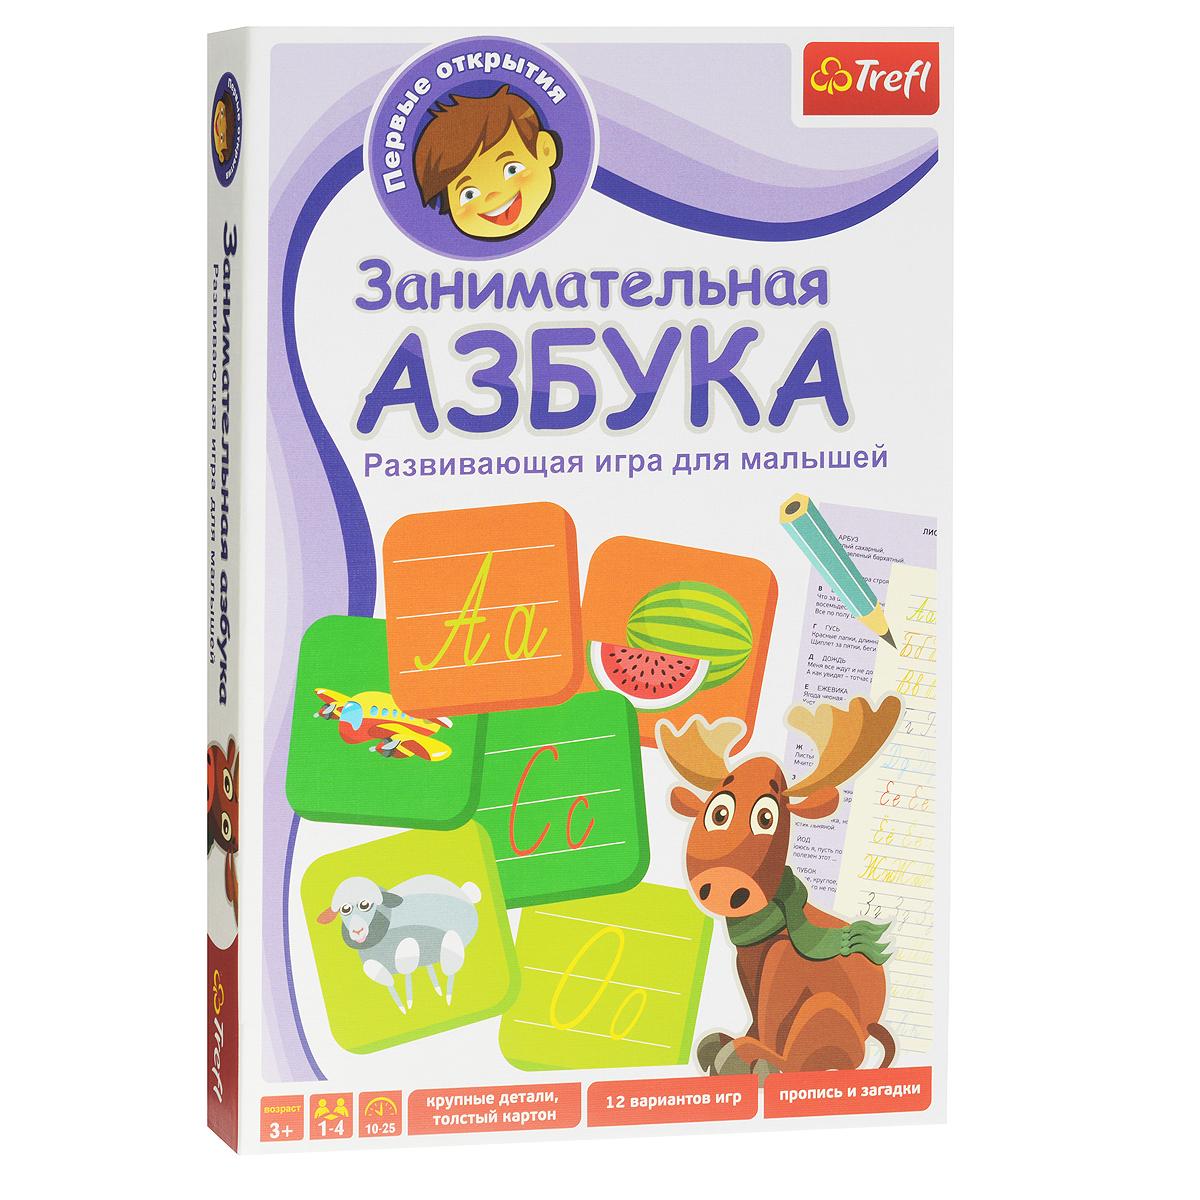 Развивающая игра Trefl Занимательная Азбука01101TРазвивающая игра Trefl Занимательная Азбука - это настольная игра для малышей от 3 лет. В этой игре юным первооткрывателям предстоит узнать много нового о буквах, входящих в состав русского алфавита, изучить, как выглядят заглавные и строчные буквы, расширить собственный словарный запас и многое другое. В комплект 30 карточек с буквами, 30 карточек с предметами, лист с загадками и инструкция на русском языке. В эту игру можно играть 12 различными способами, и все они приведены в подробной инструкции, входящей в комплект. Вы сможете отгадывать загадки, изучать буквы, а также использовать прописи. Это простая, но невероятно увлекательная игра, которая гарантирует детям массу позитивных эмоций и заряд хорошего настроения. Она способствует развитию творческого мышления, познавательных навыков, фантазии и внимательности ребенка в веселой игровой форме. Продолжительность игры - 10-25 минут